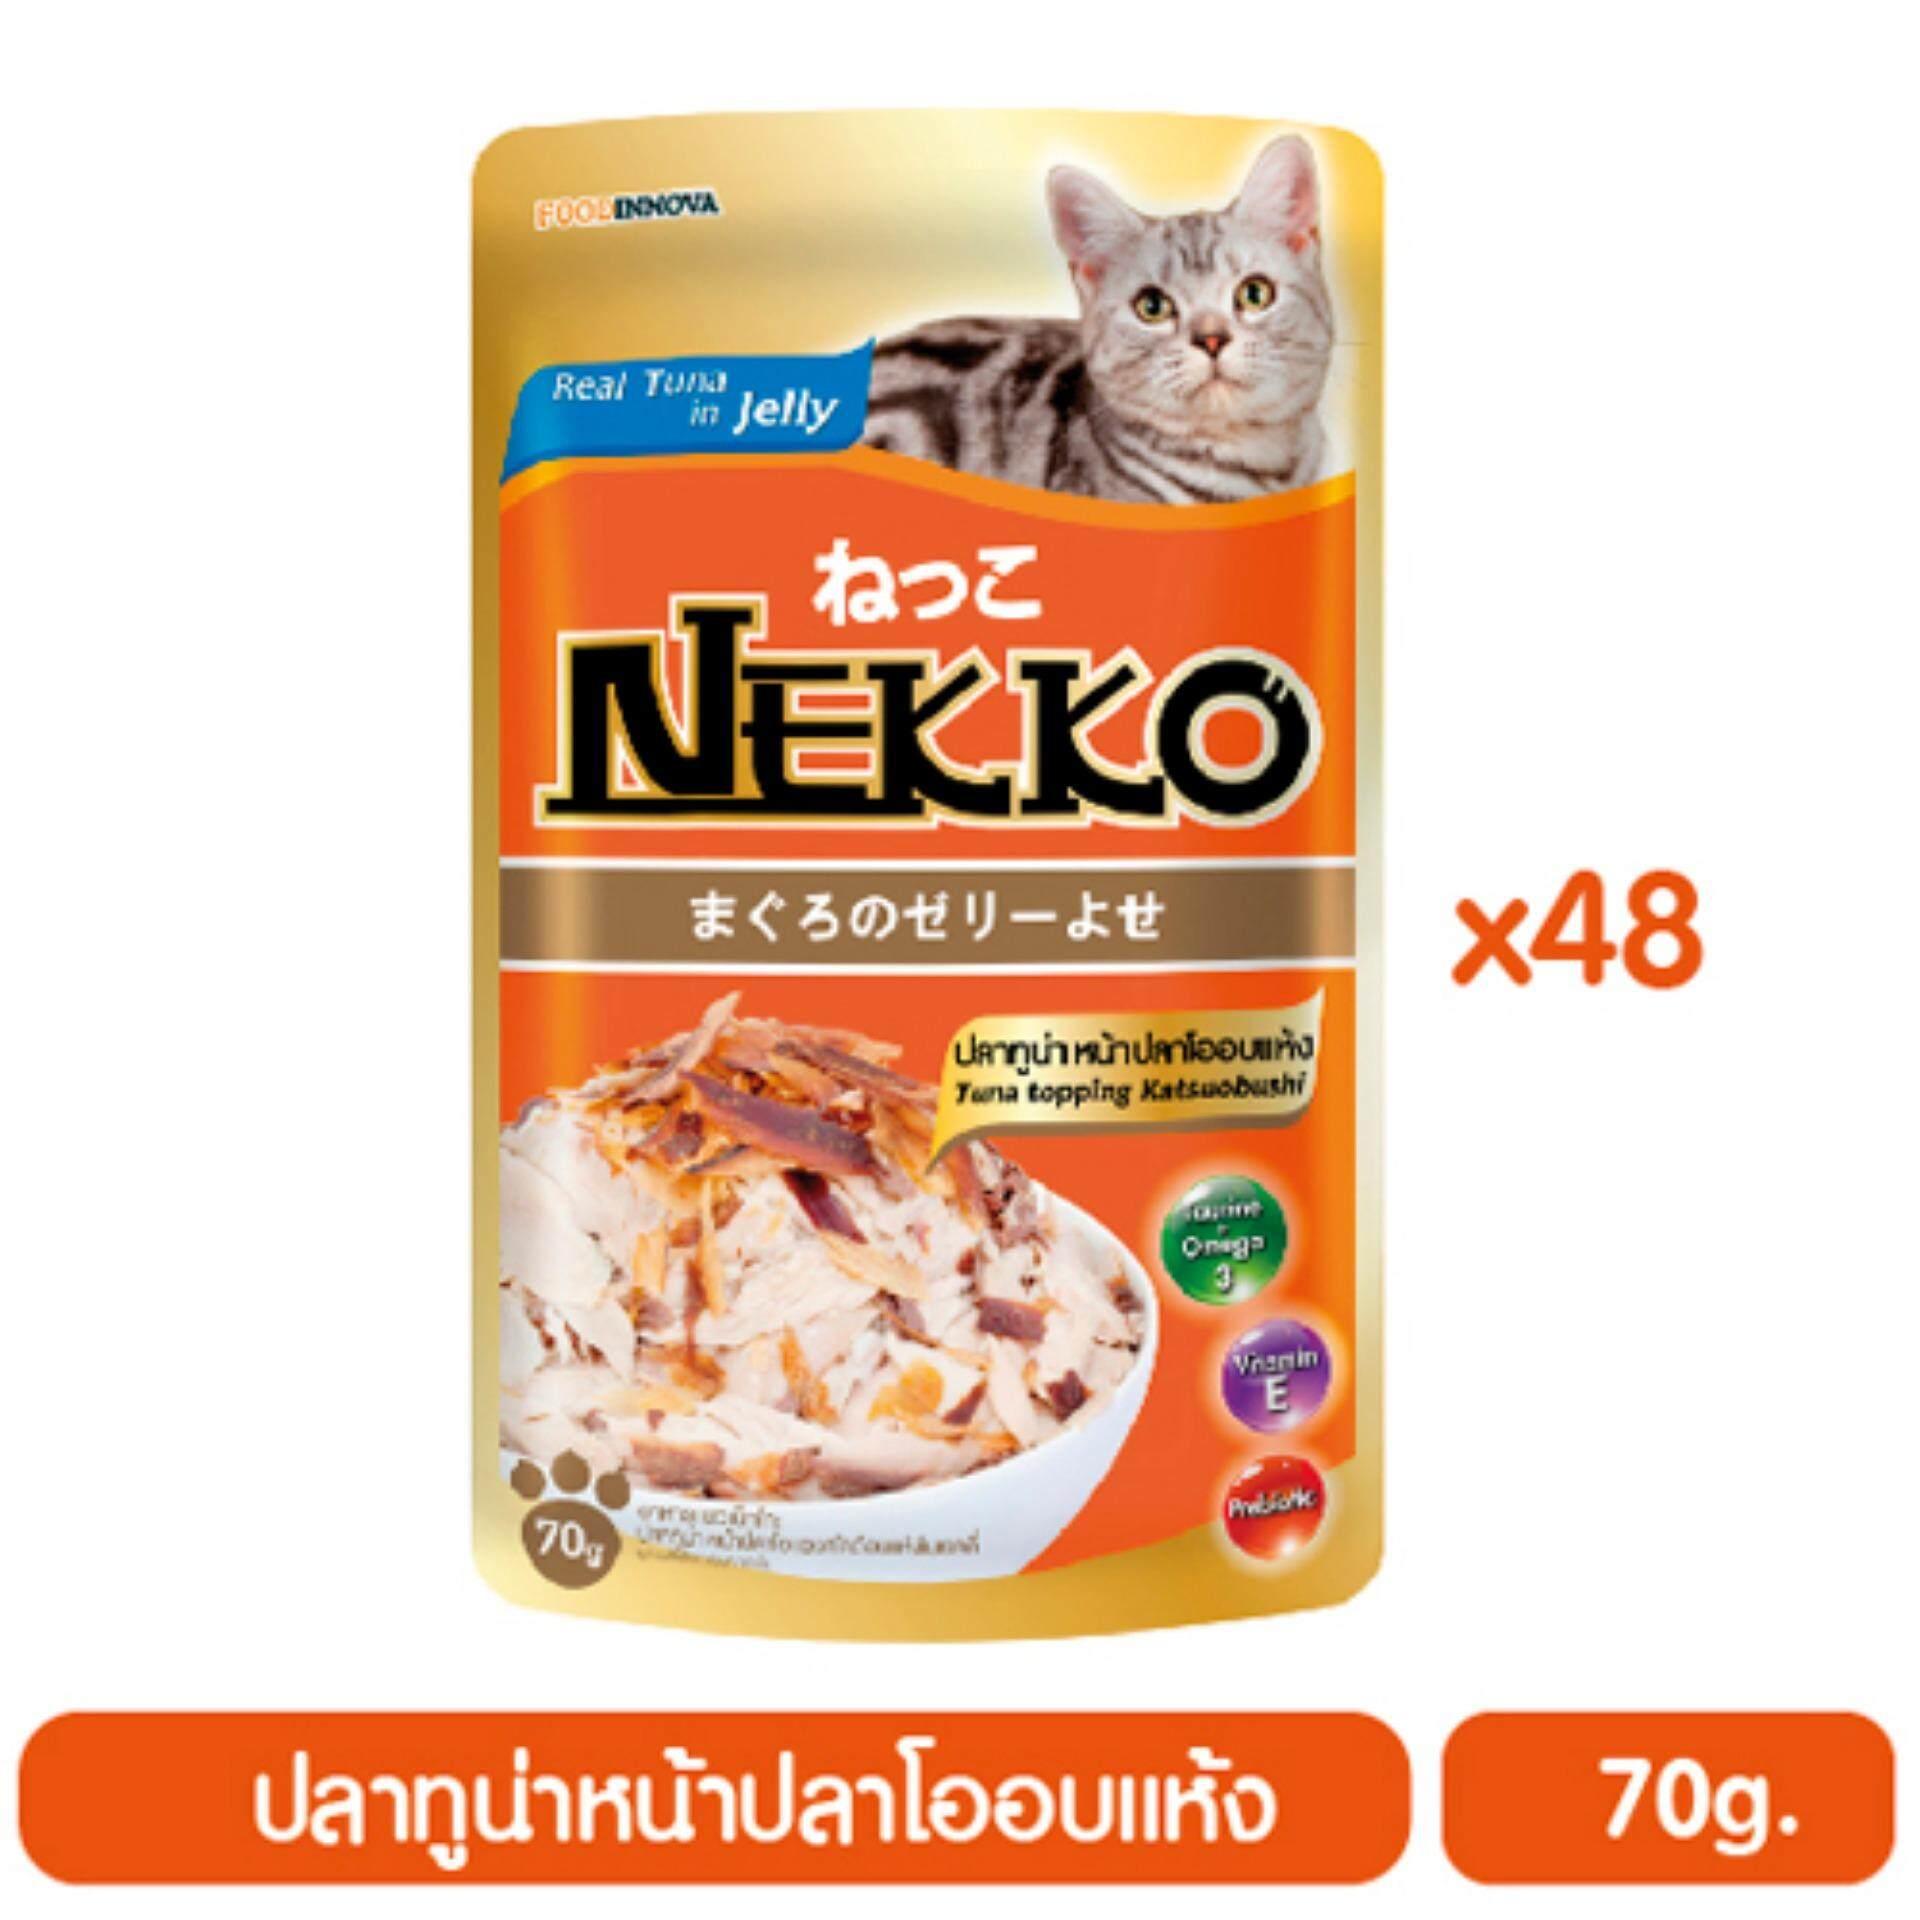 Nekko อาหารแมวเน็กโกะ ปลาทูน่าหน้าปลาโออบแห้ง 70 g.